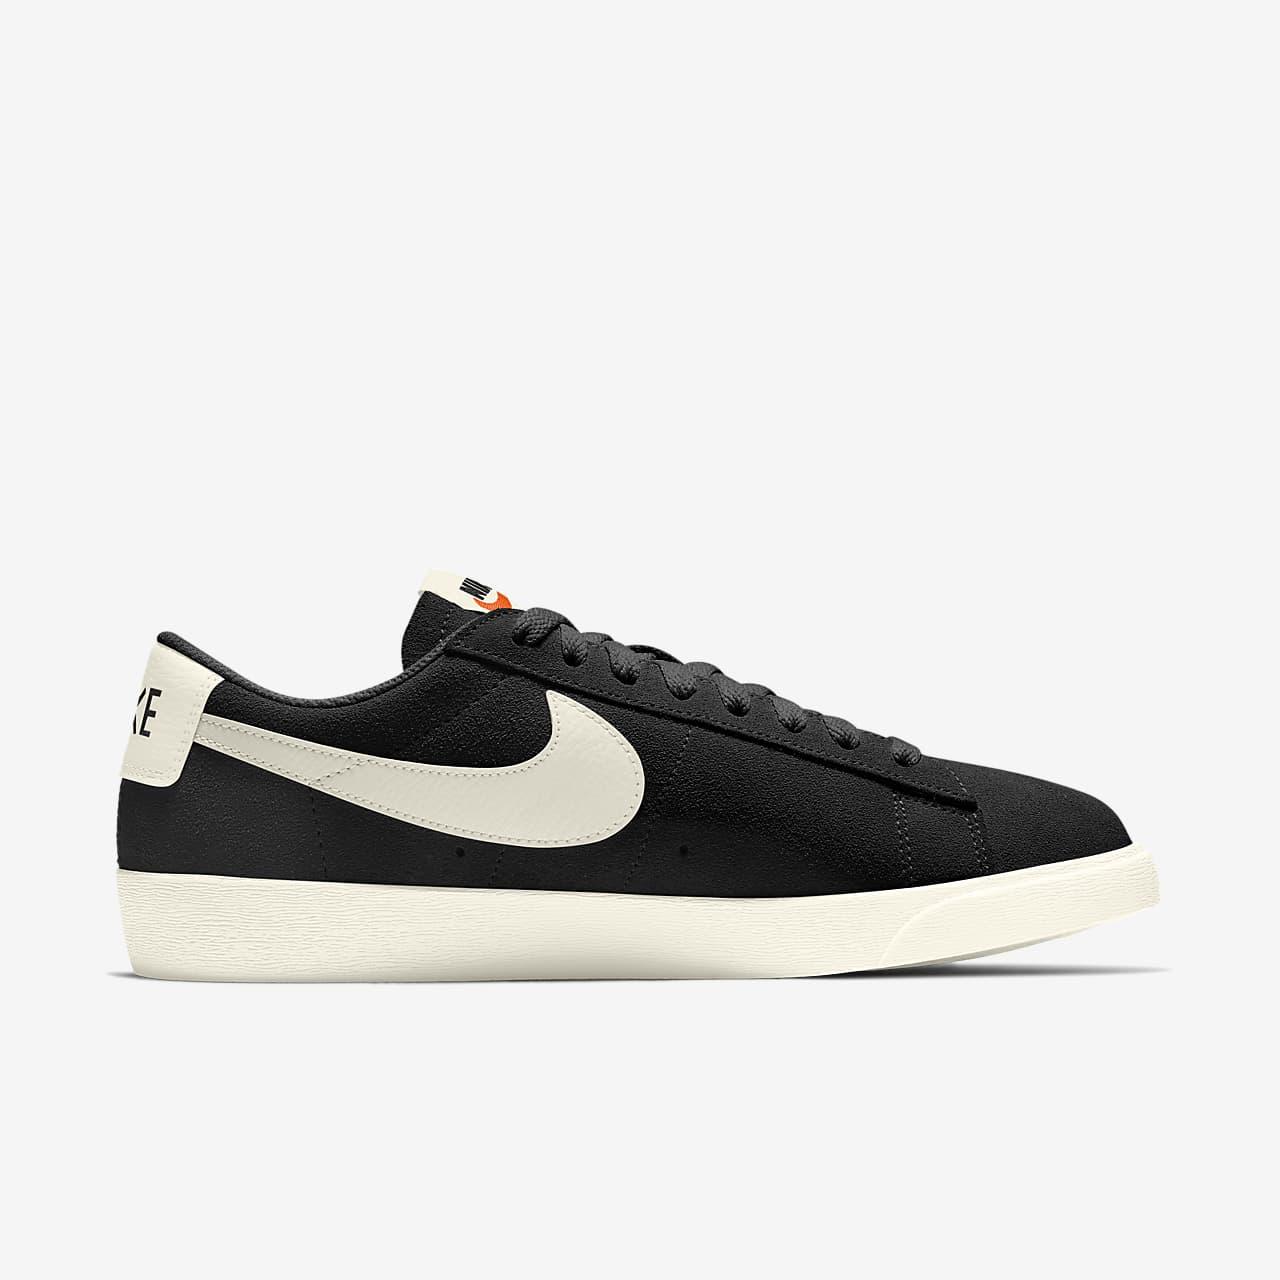 cb5510e11a4 Nike Blazer Low Suede Women s Shoe. Nike.com CA